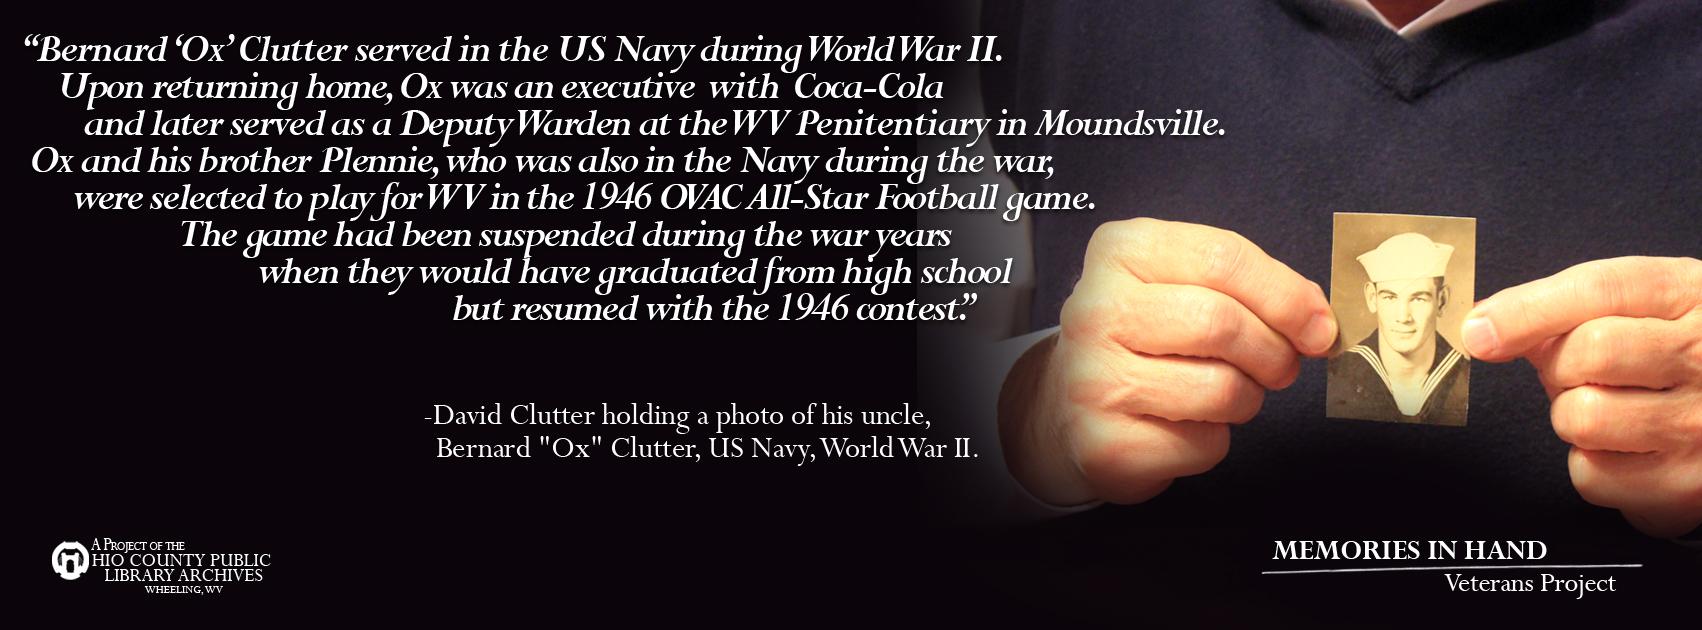 Bernard Clutter, US Navy, WWII